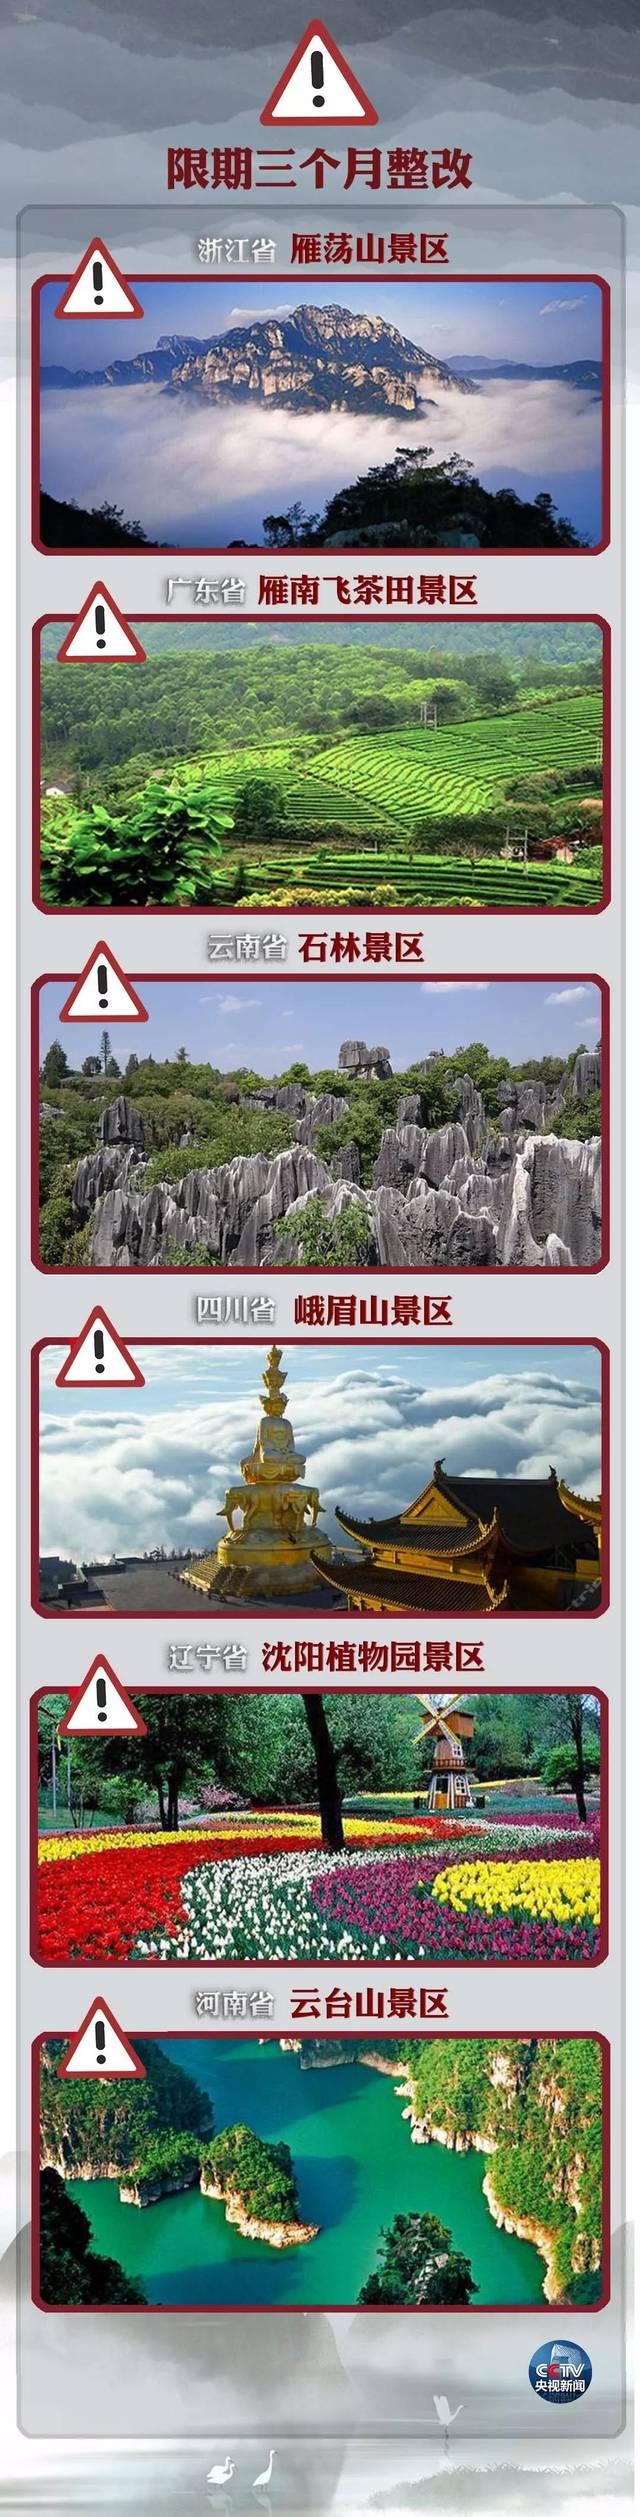 http://www.sxiyu.com/shanxifangchan/38879.html